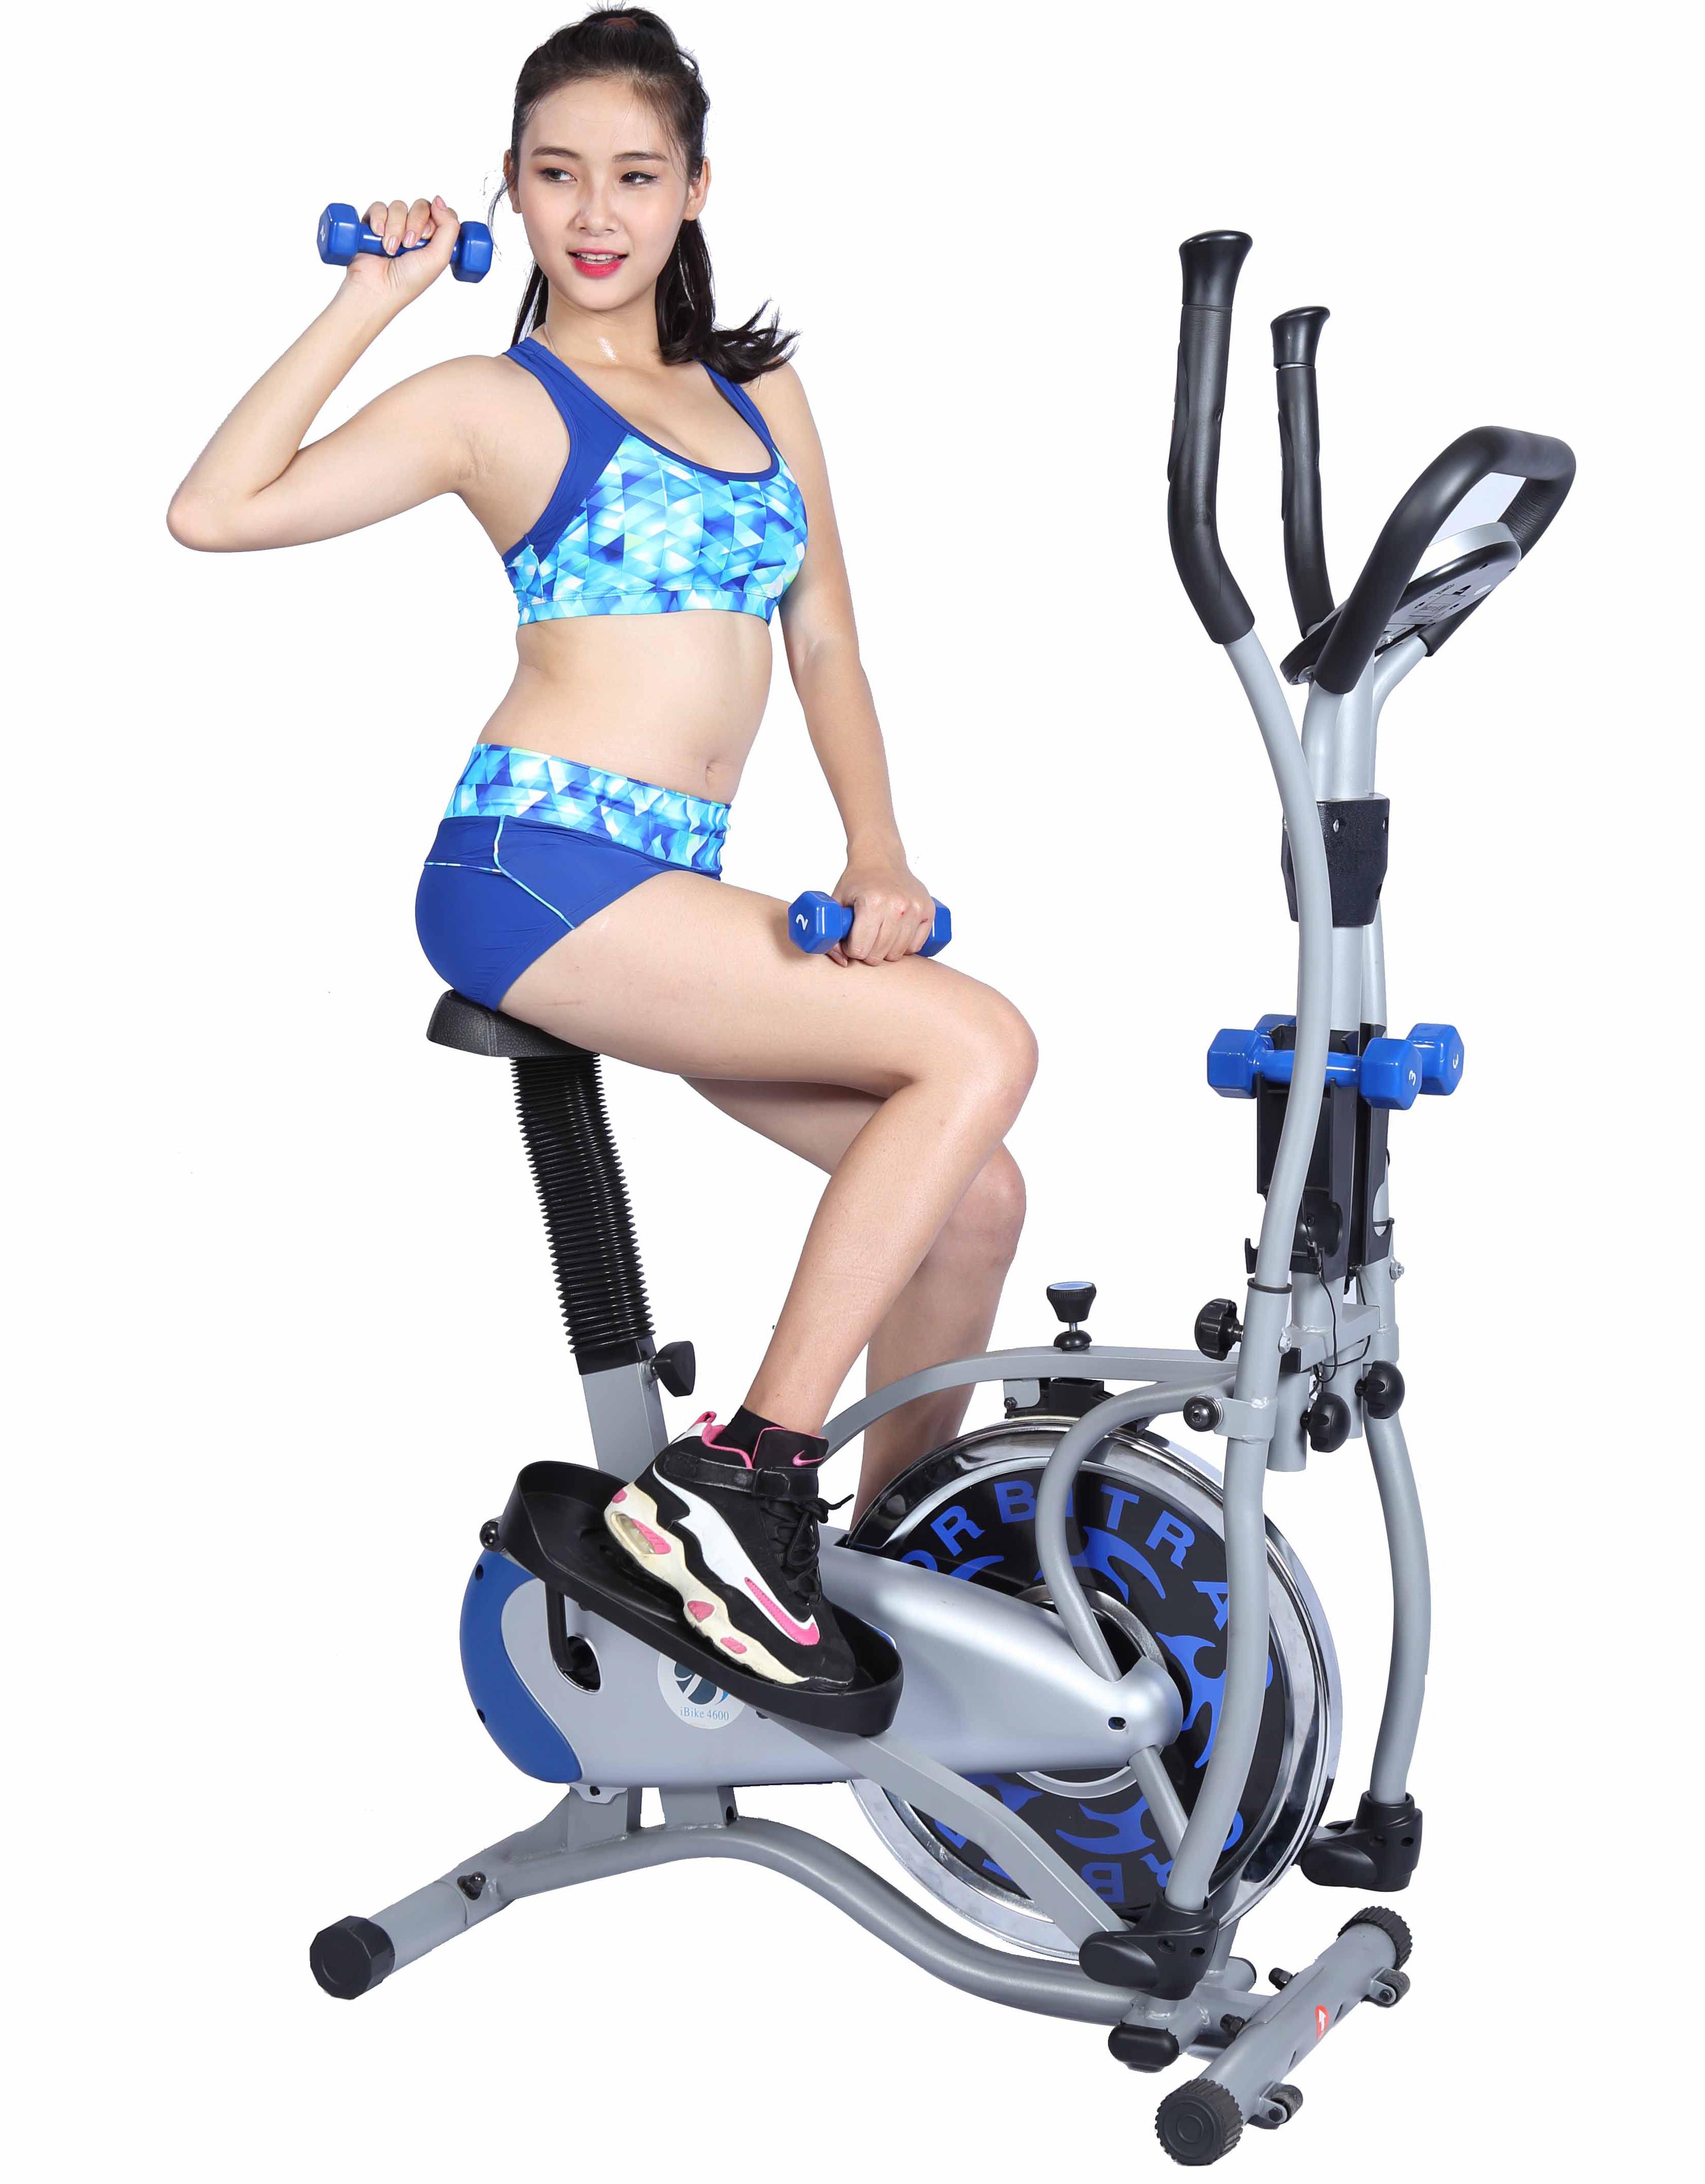 tap luyen dap xe dap the duc o nu gioi 2 - Tập luyện đạp xe ở nữ giới, hiệu quả và những lưu ý